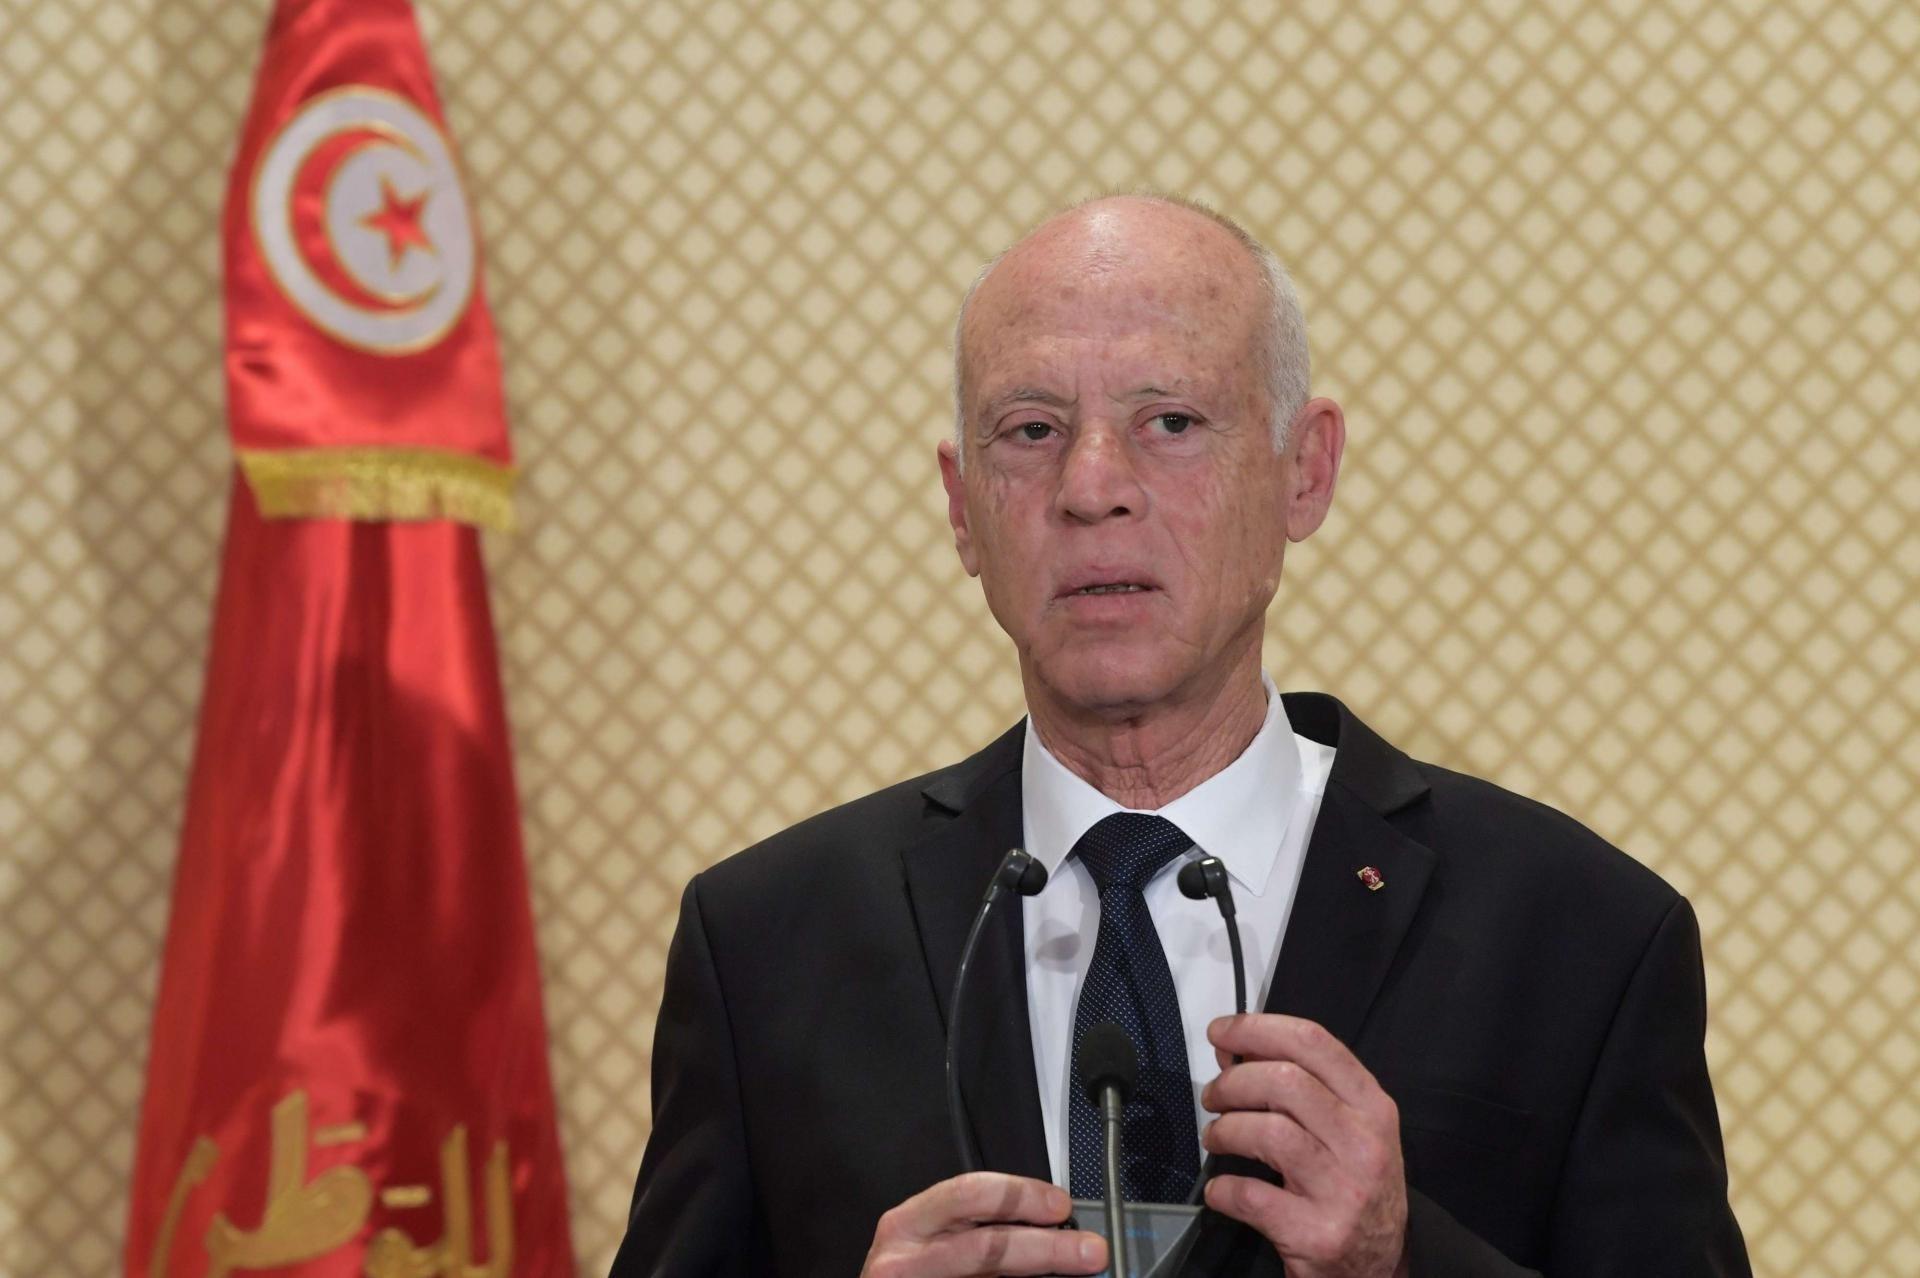 الرئيس التونسي جدد ترحيب بلاده باتفاق وقف إطلاق النار في ليبيا